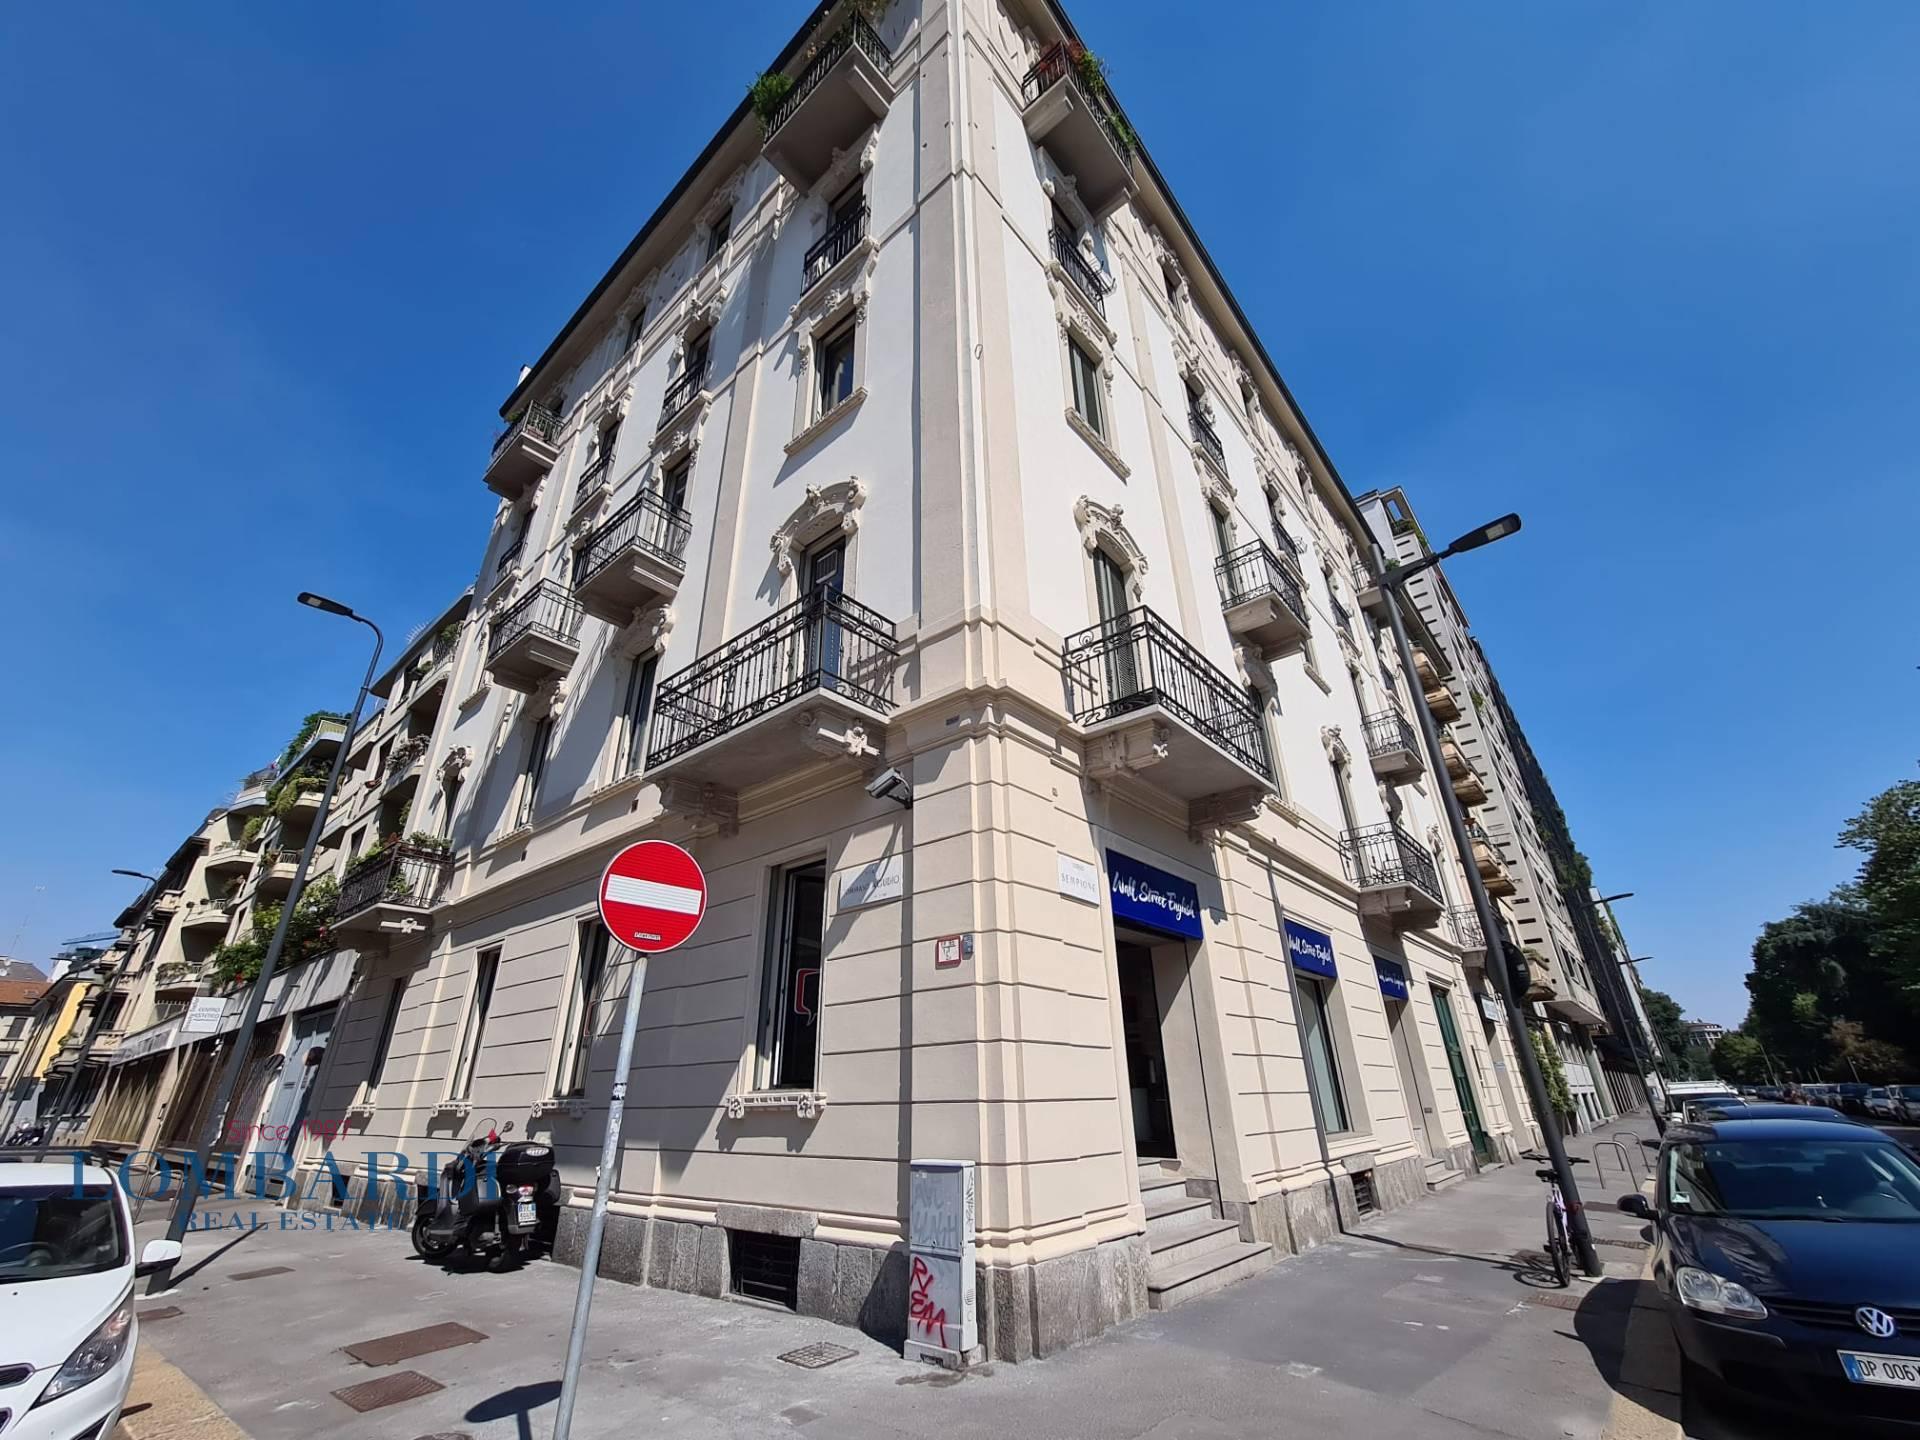 Ufficio in affitto a Sempione - Fiera Milanocity, Milano (MI)